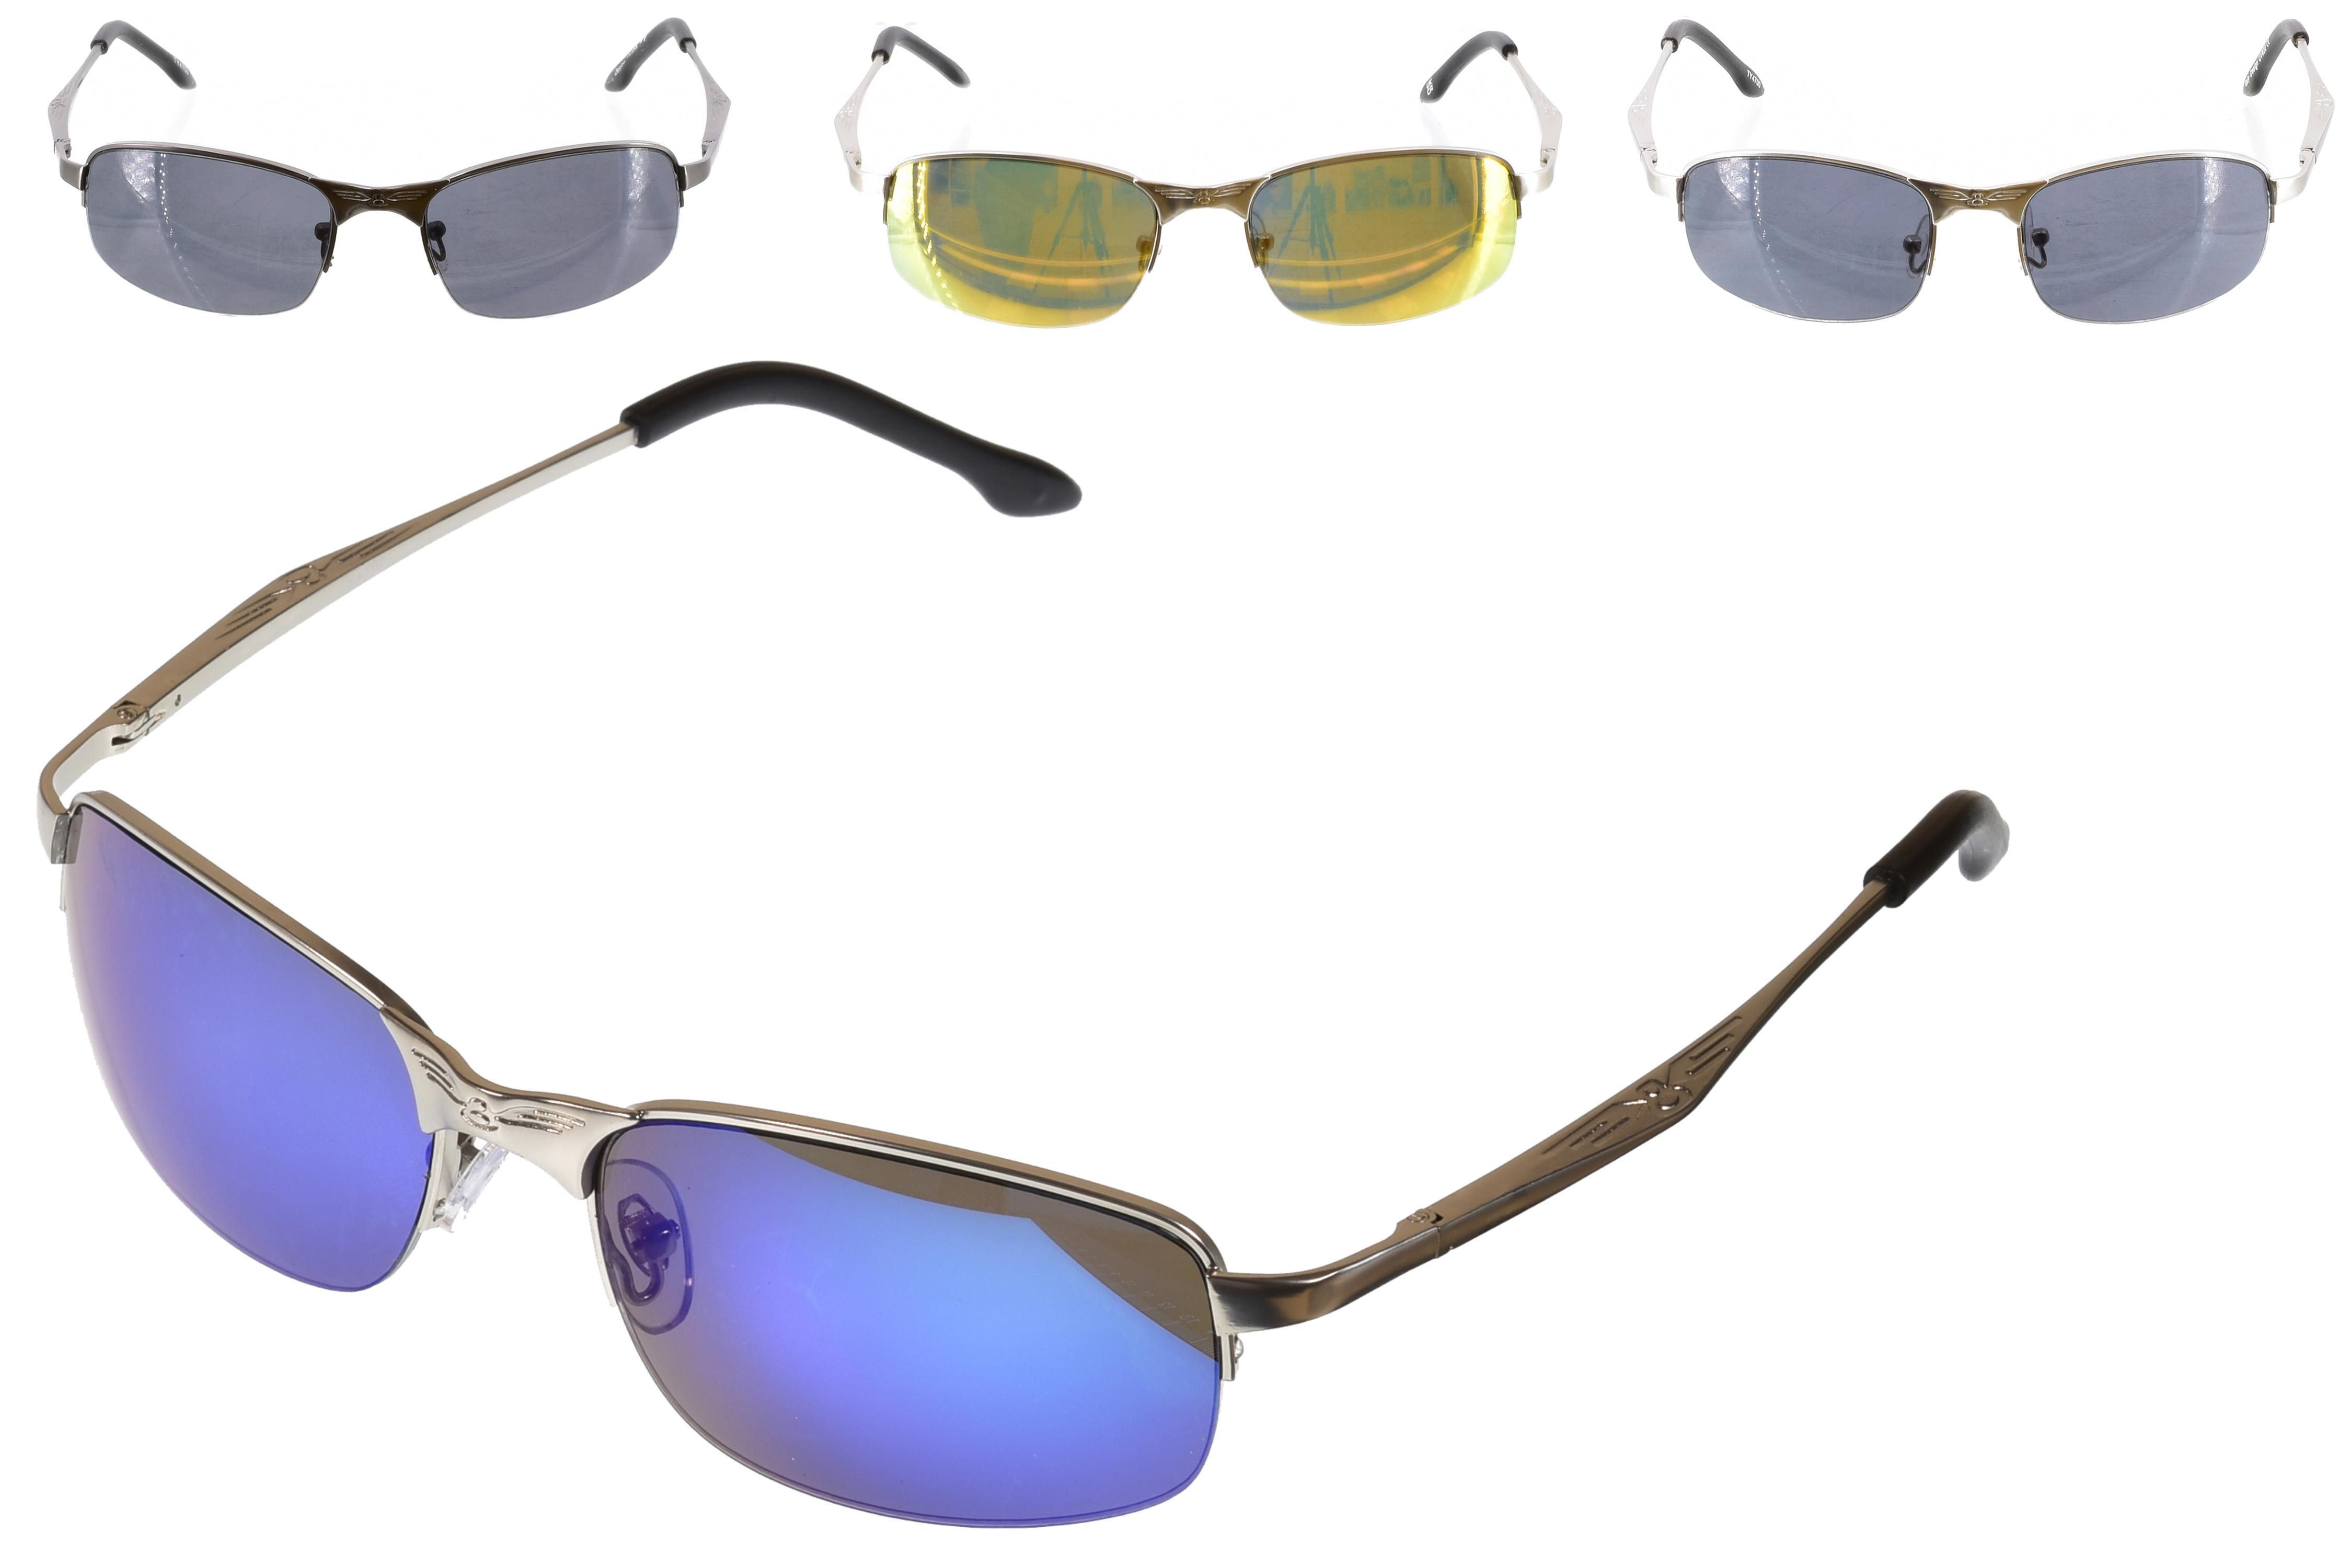 Adult Metal 1/2 Frame S/Glasses (S/Loaded) - 4 Asst